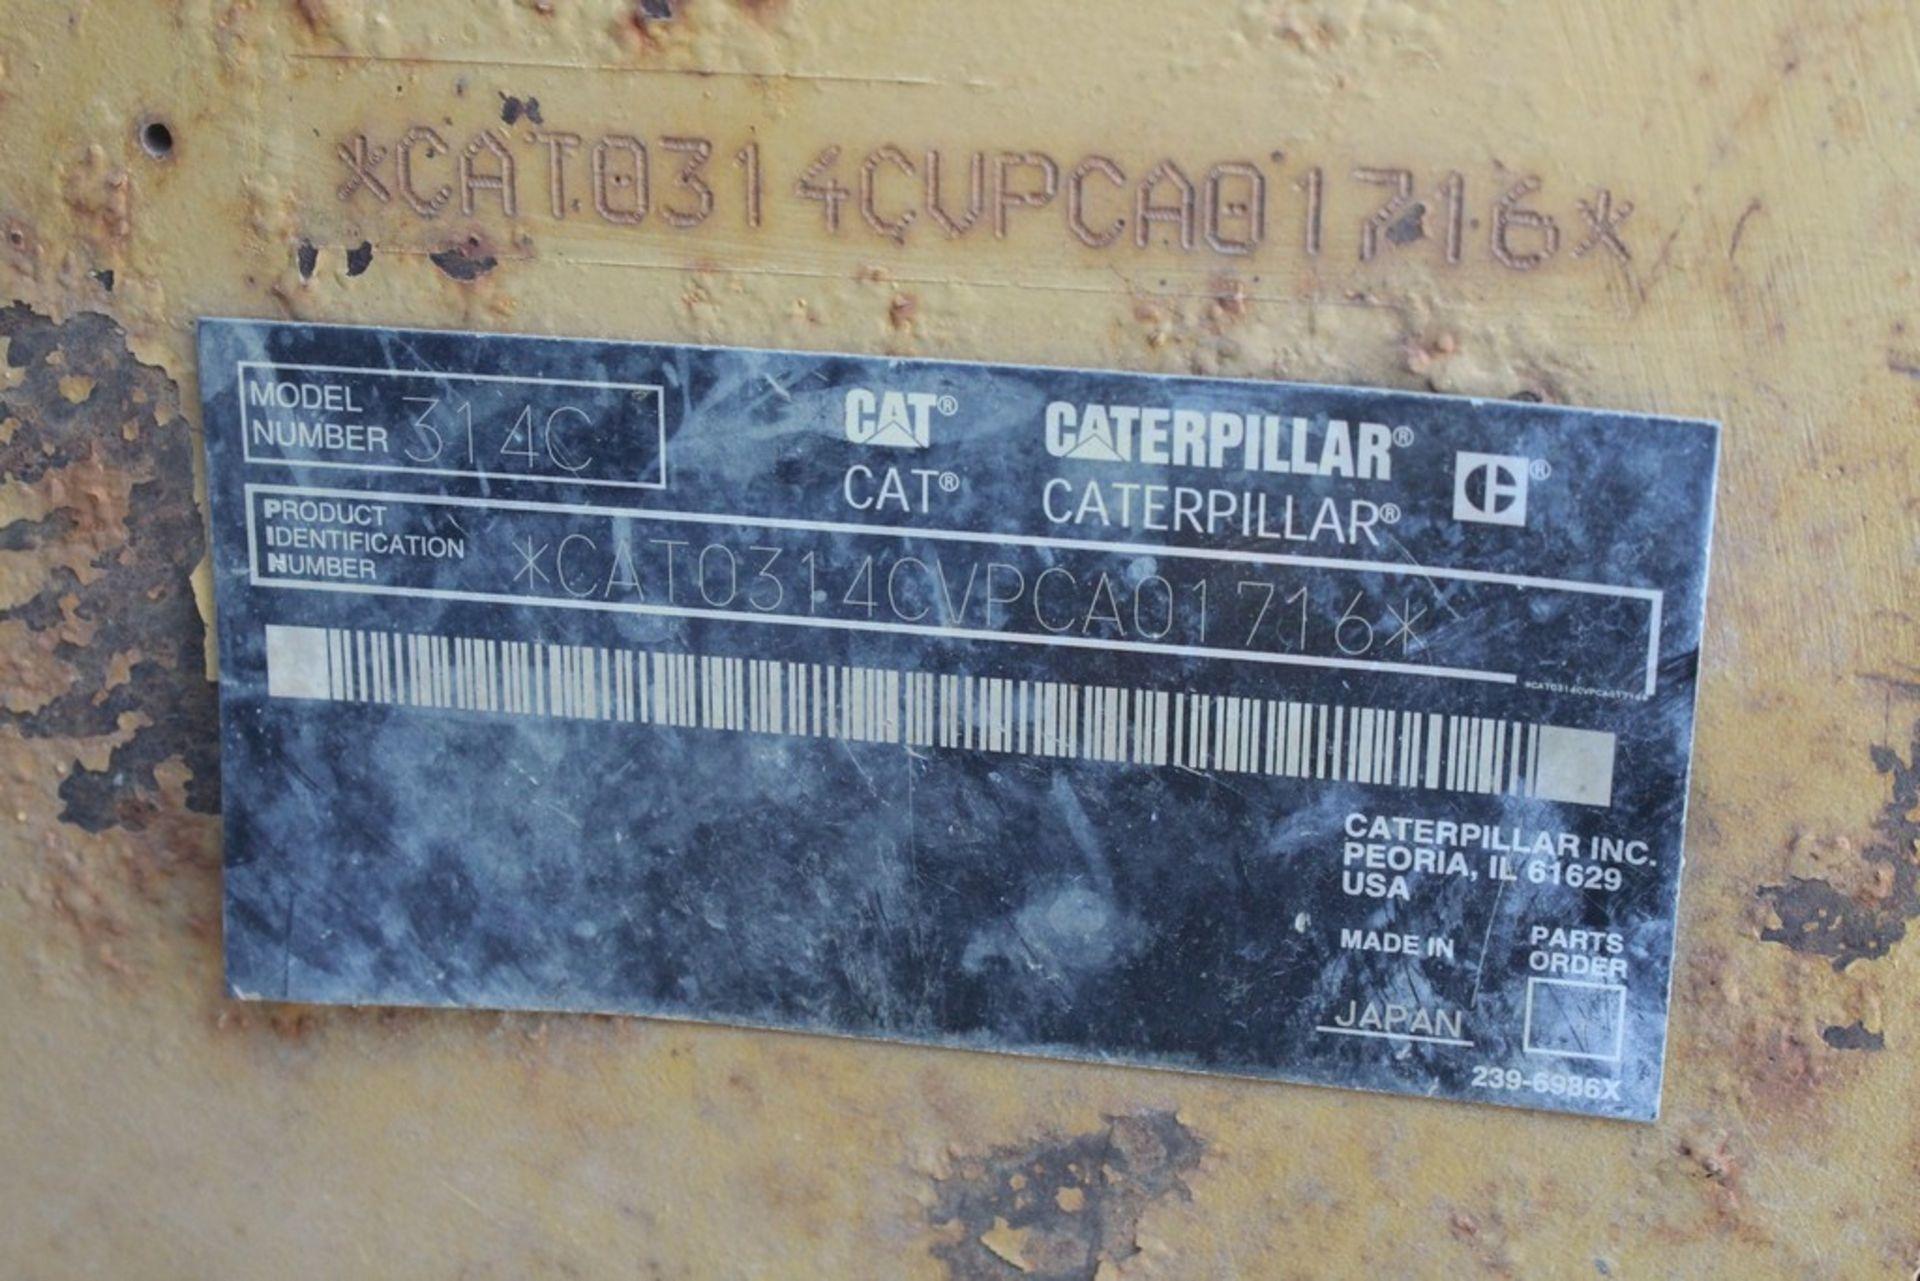 """2008 CATERPILLAR 314C LCR HYDRAULIC EXCAVATOR S/N: CAT0314CVPCA0176 (2008) 48"""" Q/C DIGGING CAT MODEL - Image 9 of 11"""